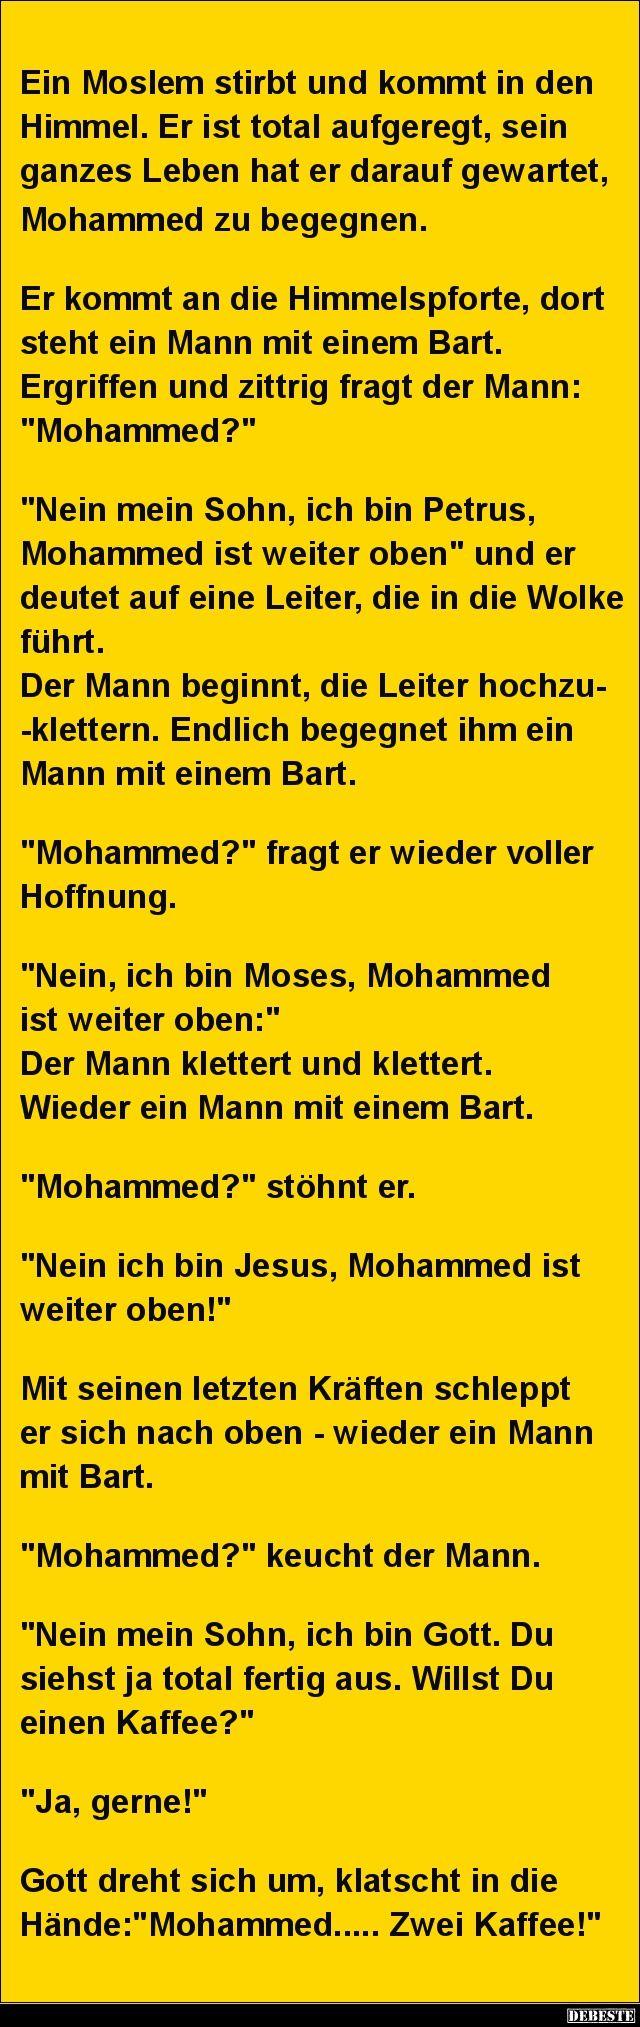 Ein Moslem stirbt und kommt in den Himmel.. | Lustige Bilder, Sprüche, Witze, echt lustig